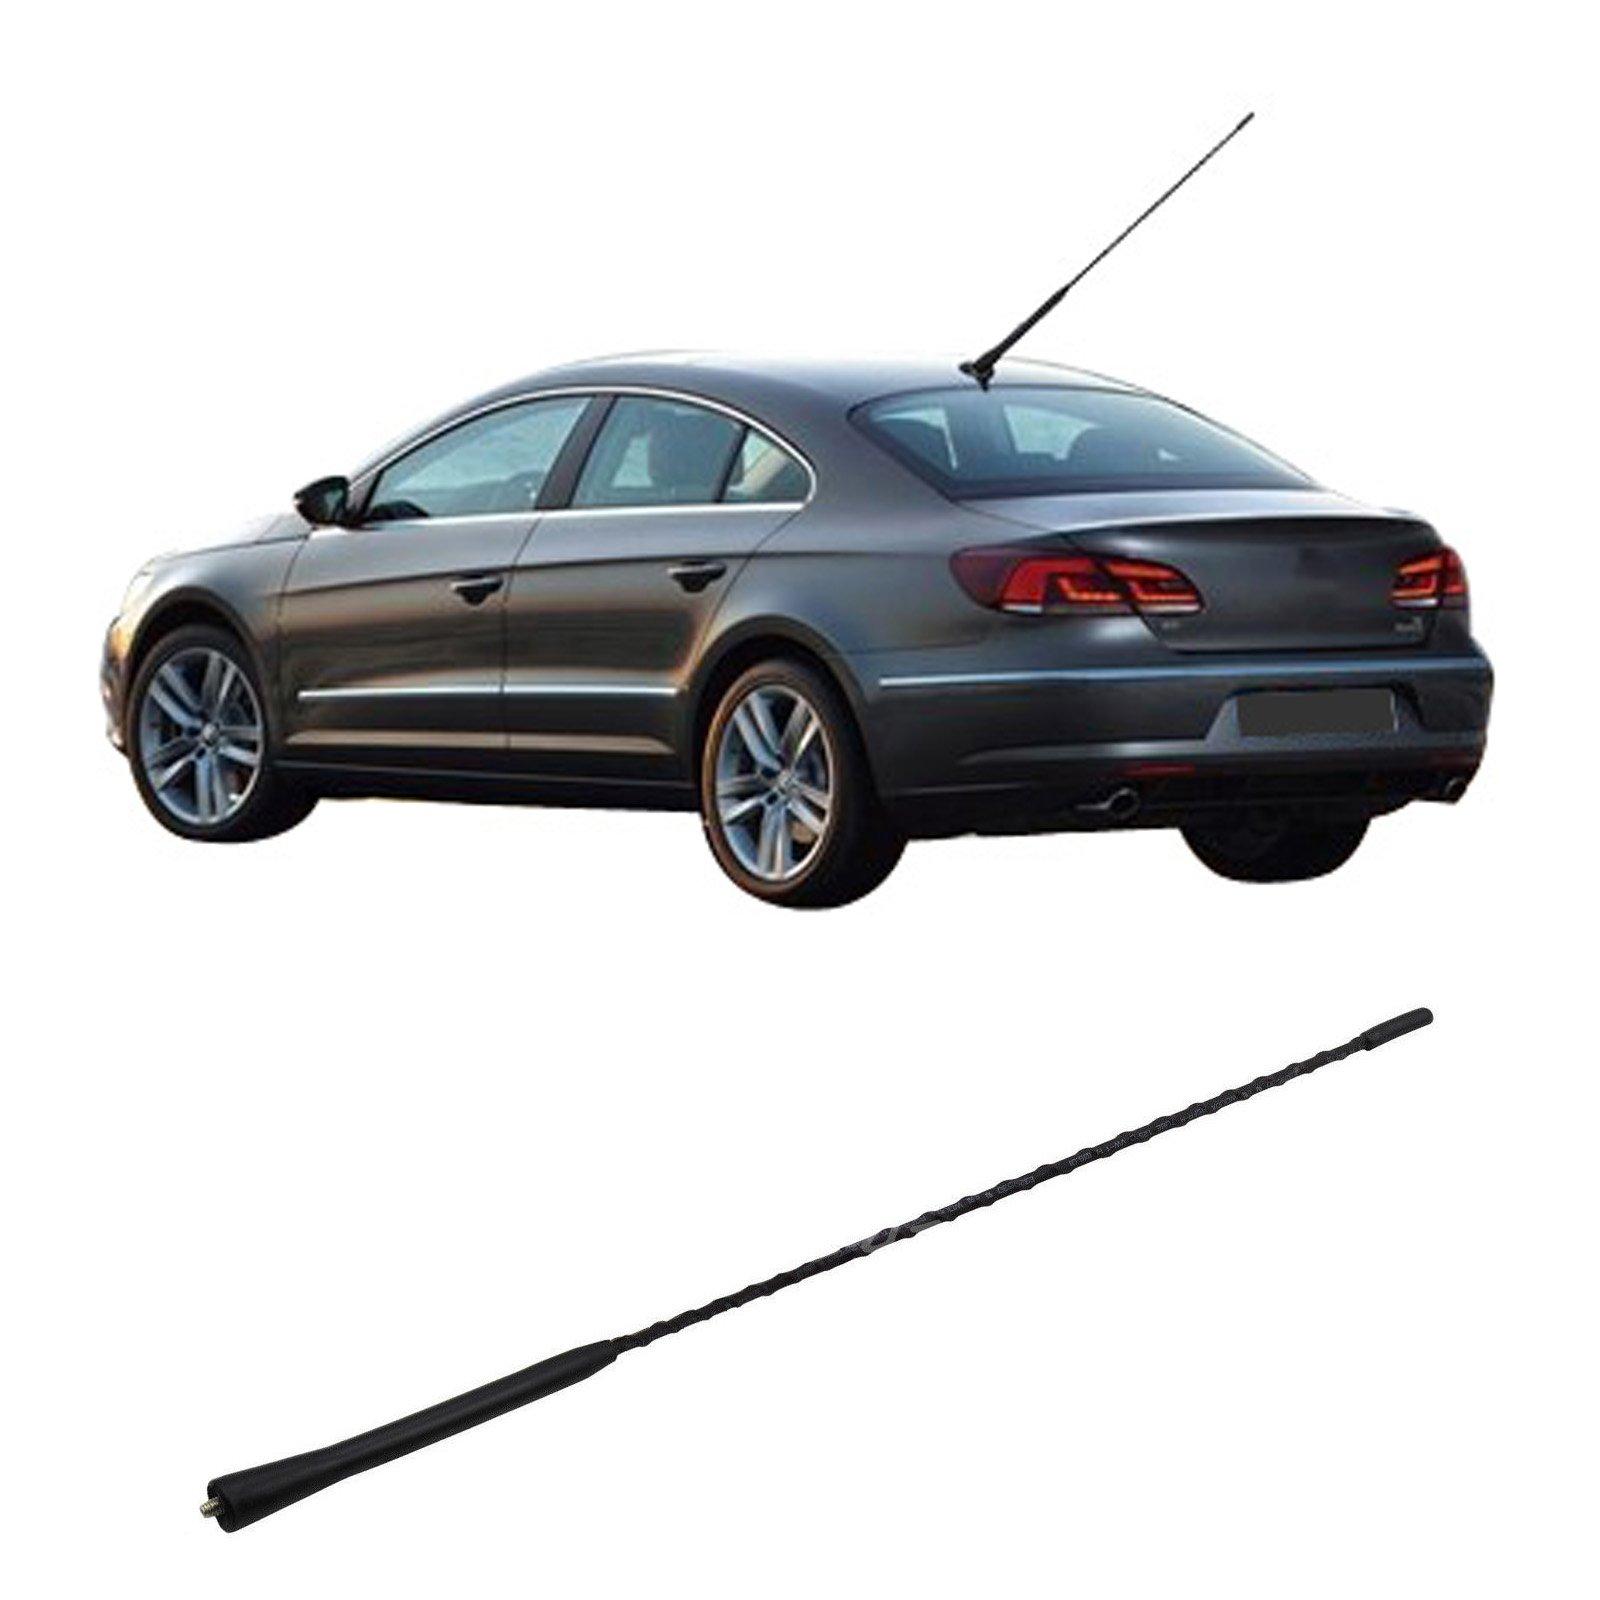 VW Passat Aerial Antenna Mast GENUINE M5 40 cm